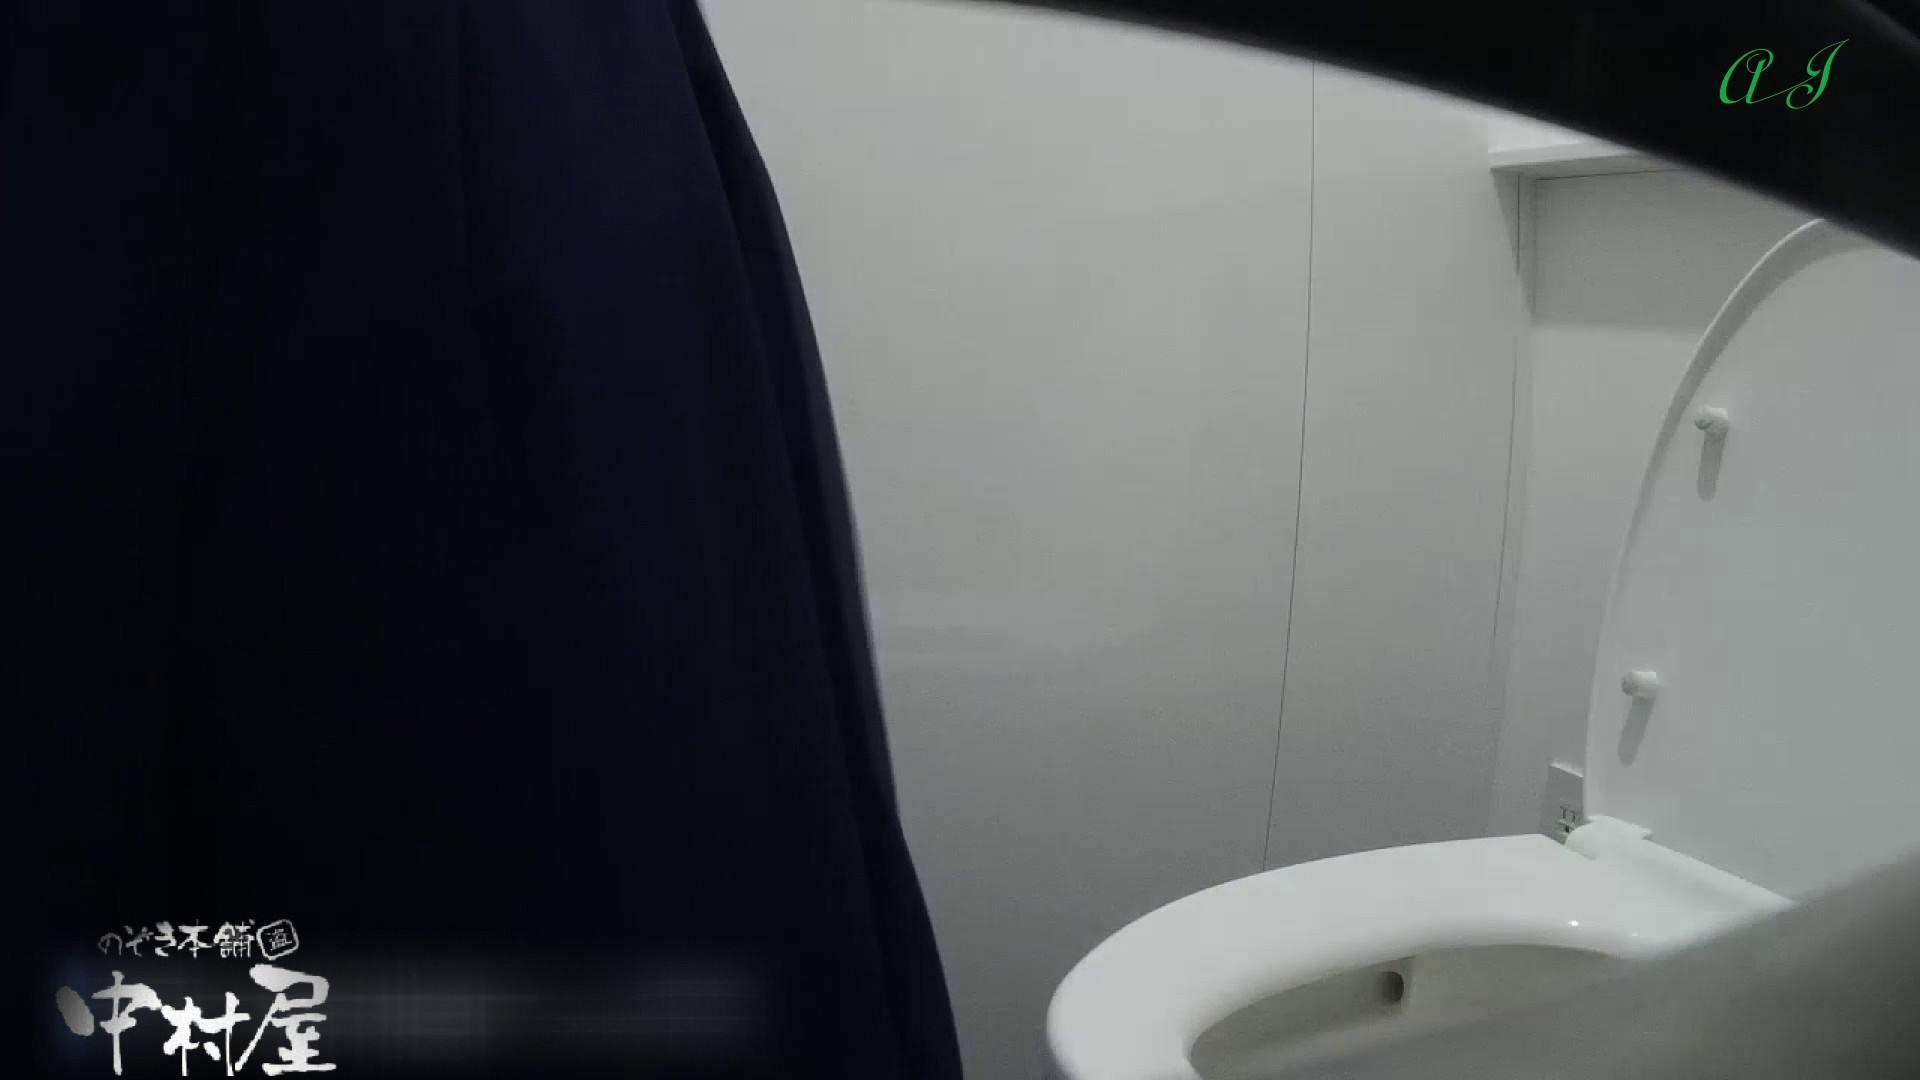 有名大学女性洗面所 vol.79 新アングル丸見え 前編 和式 盗み撮り動画キャプチャ 55枚 39